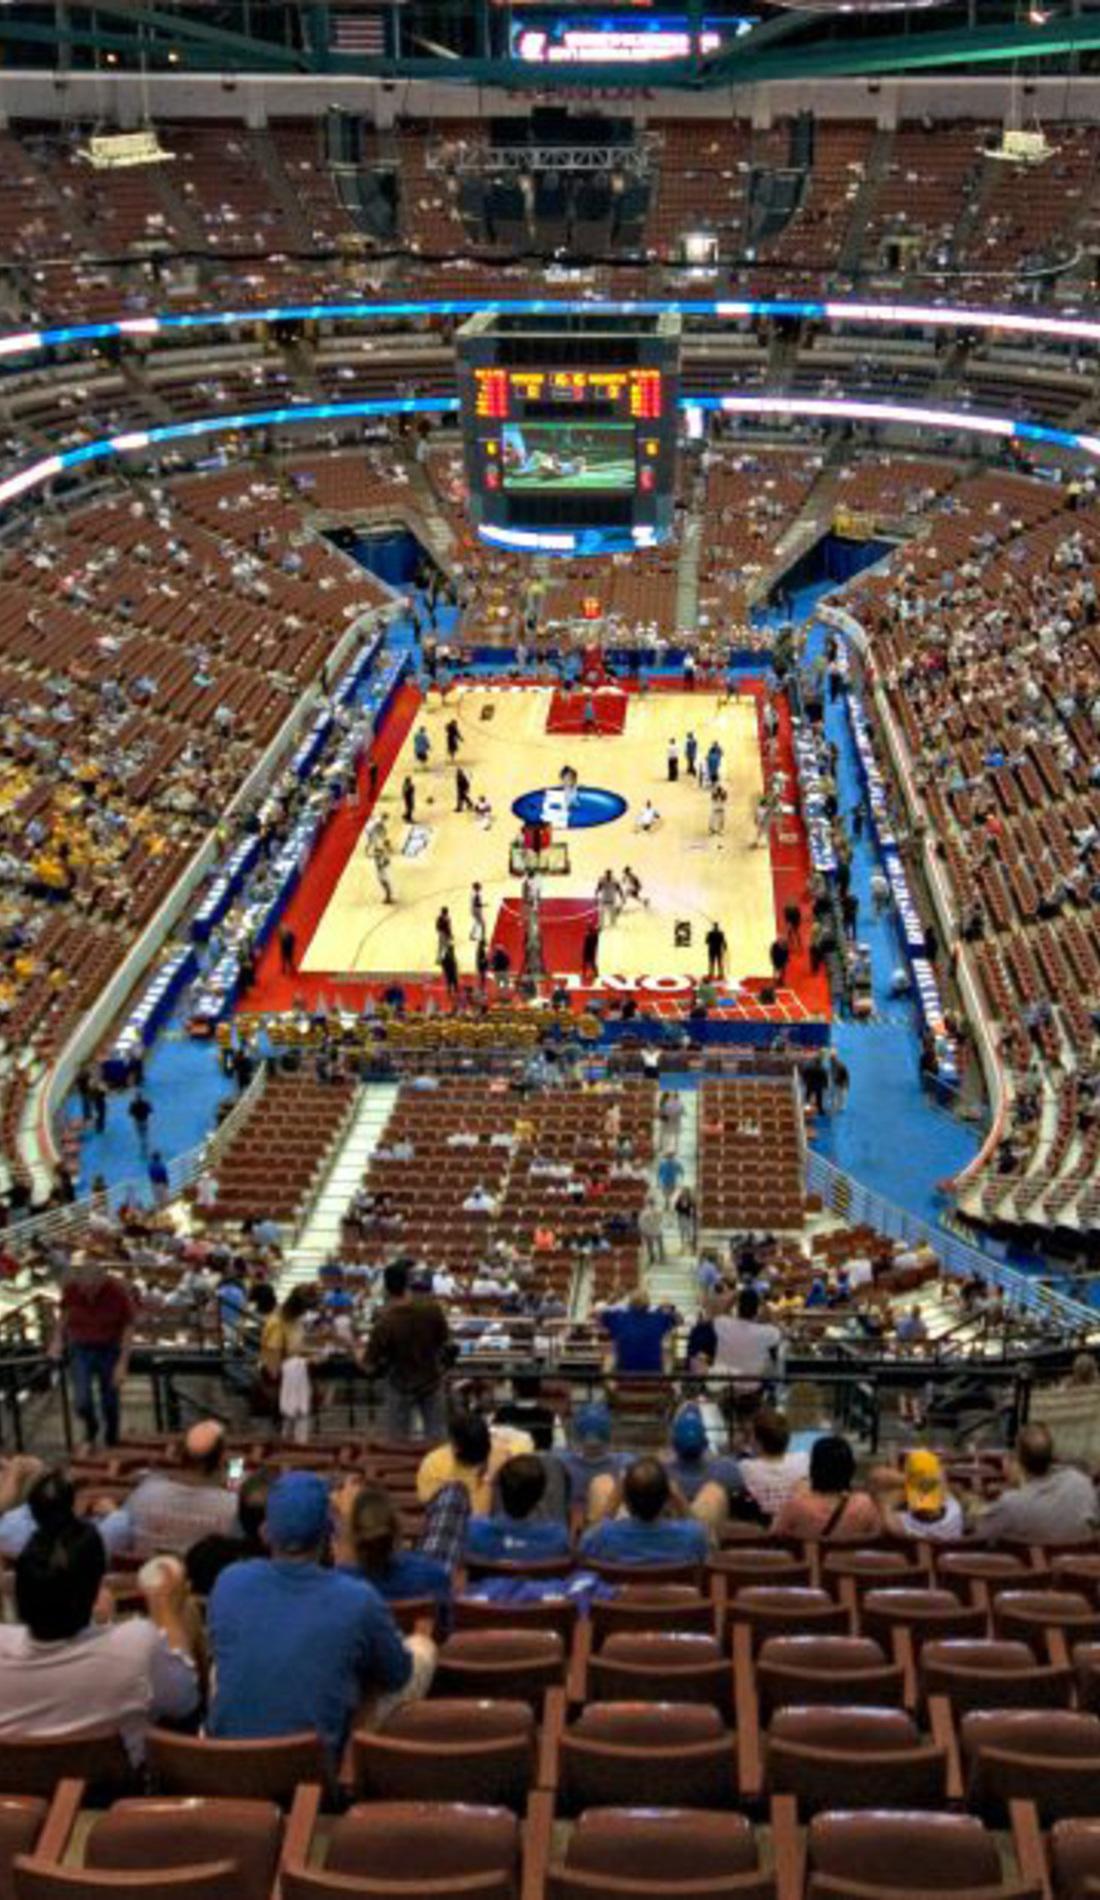 A Big West Basketball Tournament live event